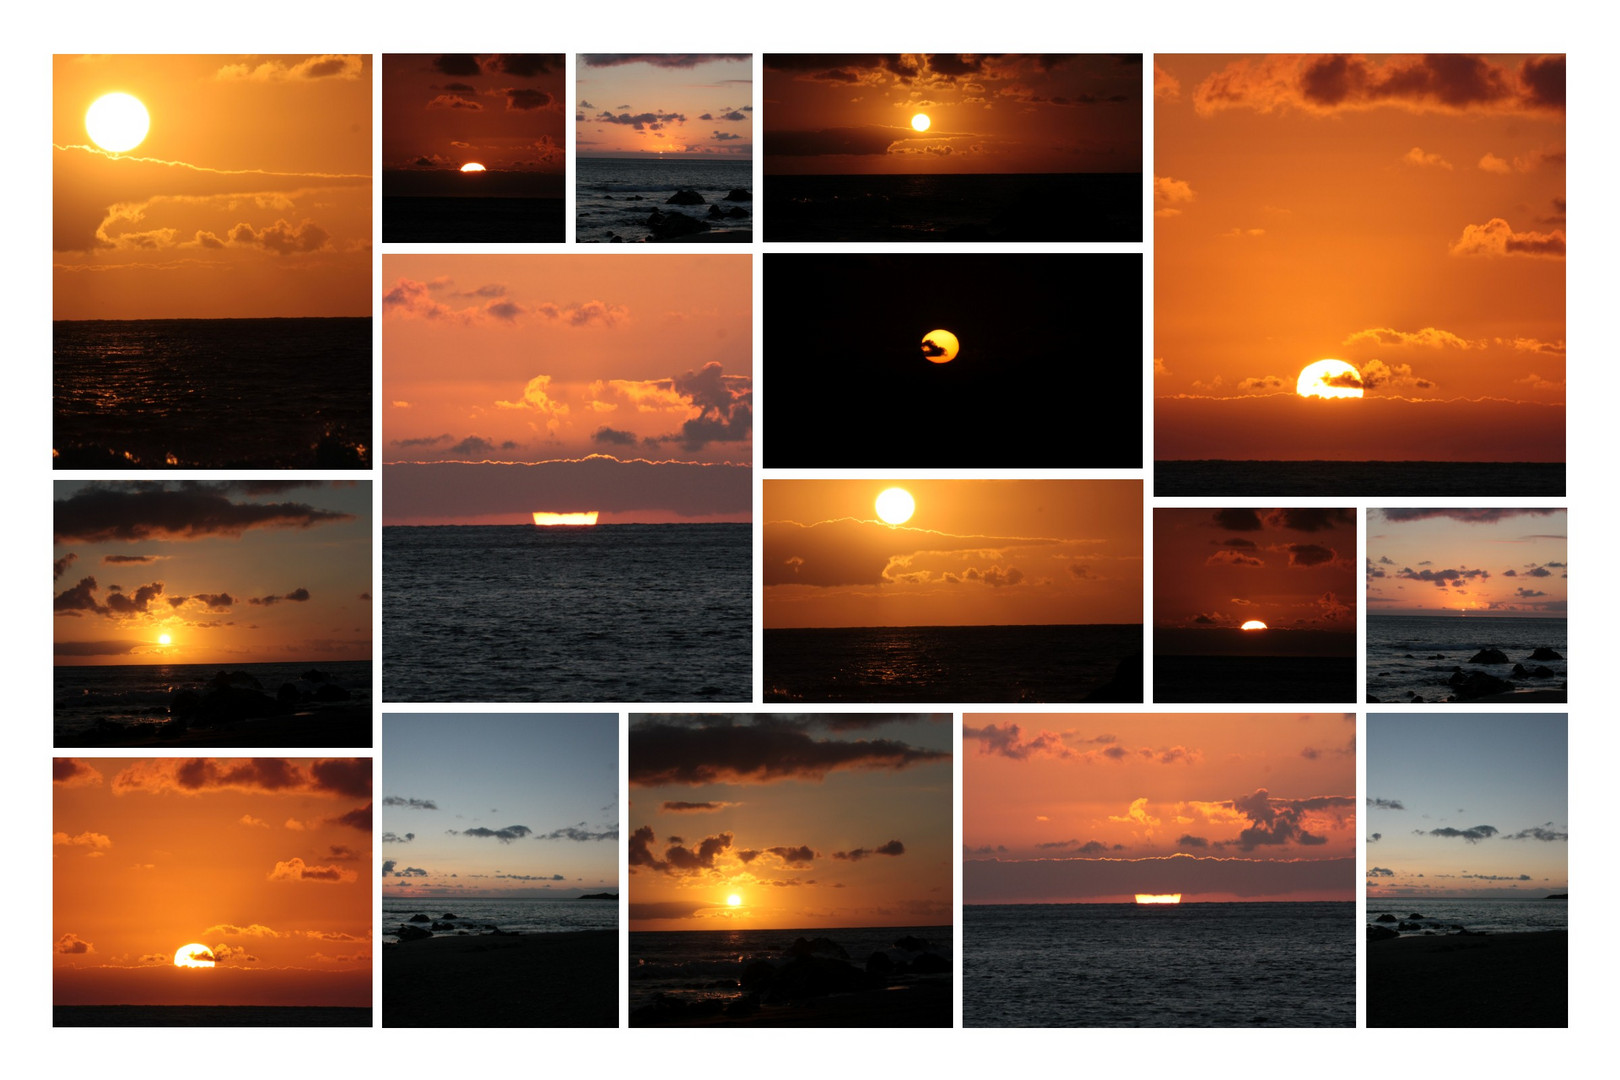 der Moment wenn die Sonne untergeht